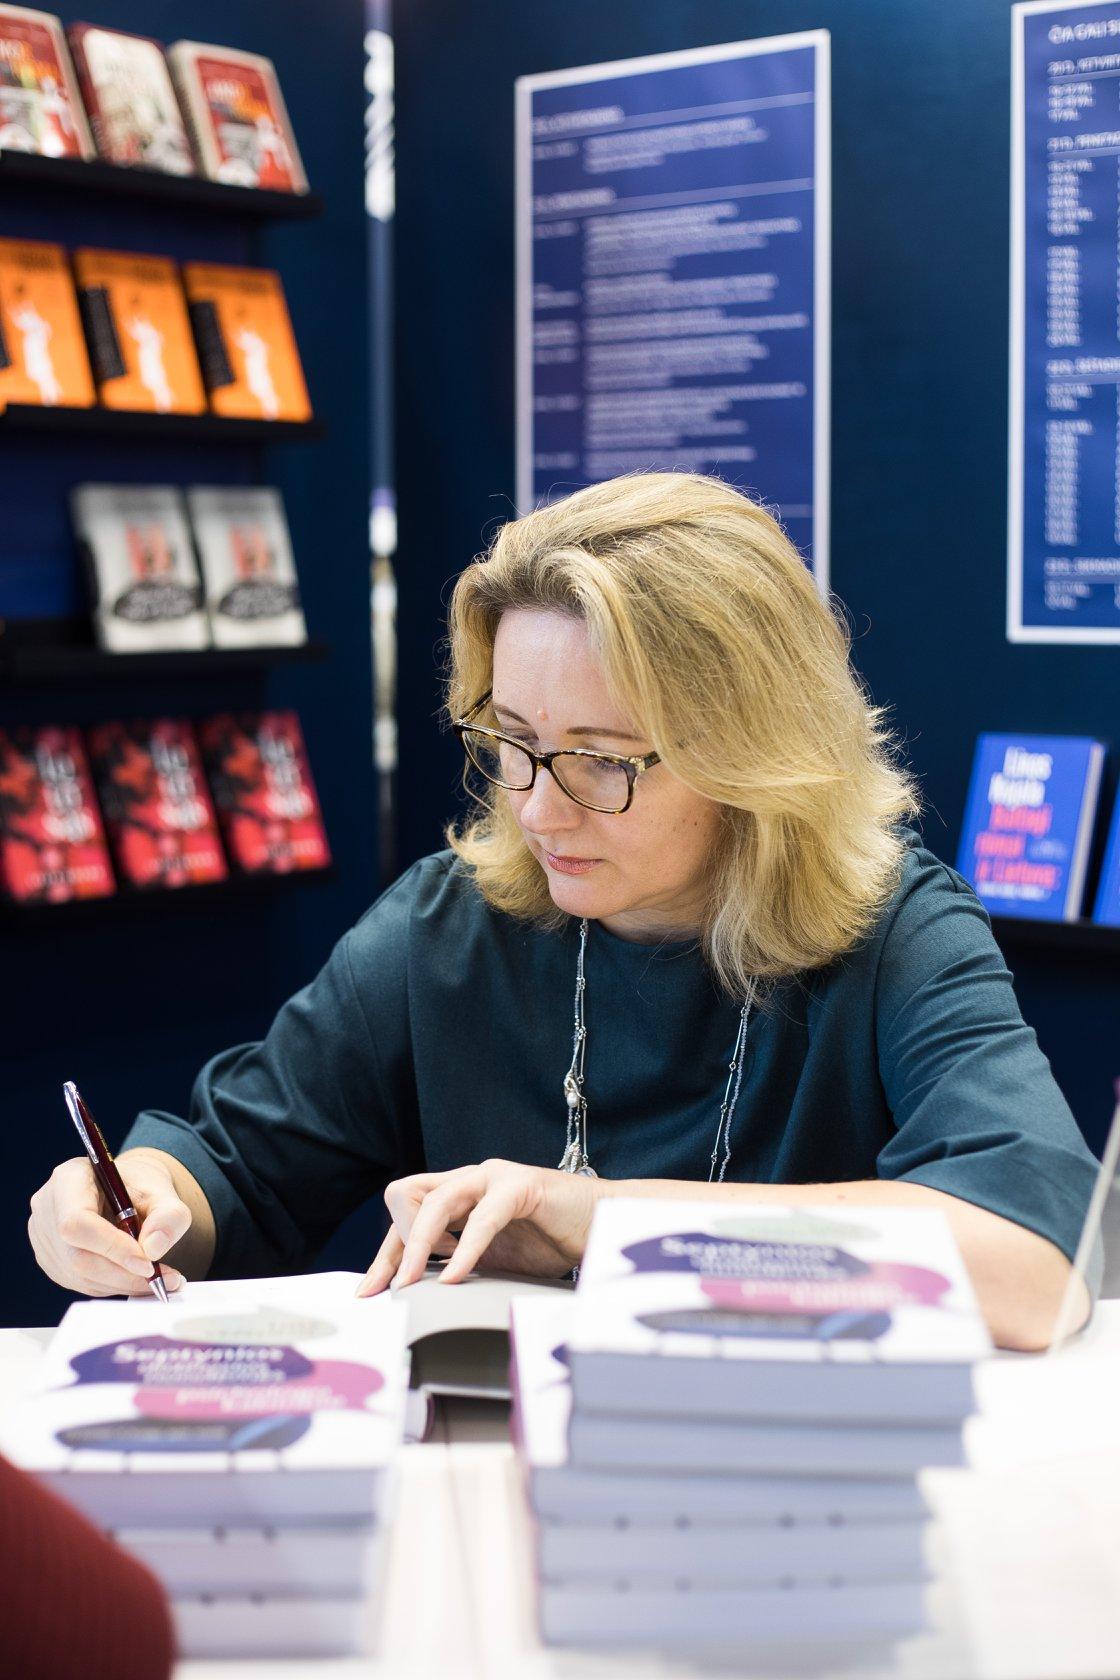 Lina Vėželienė